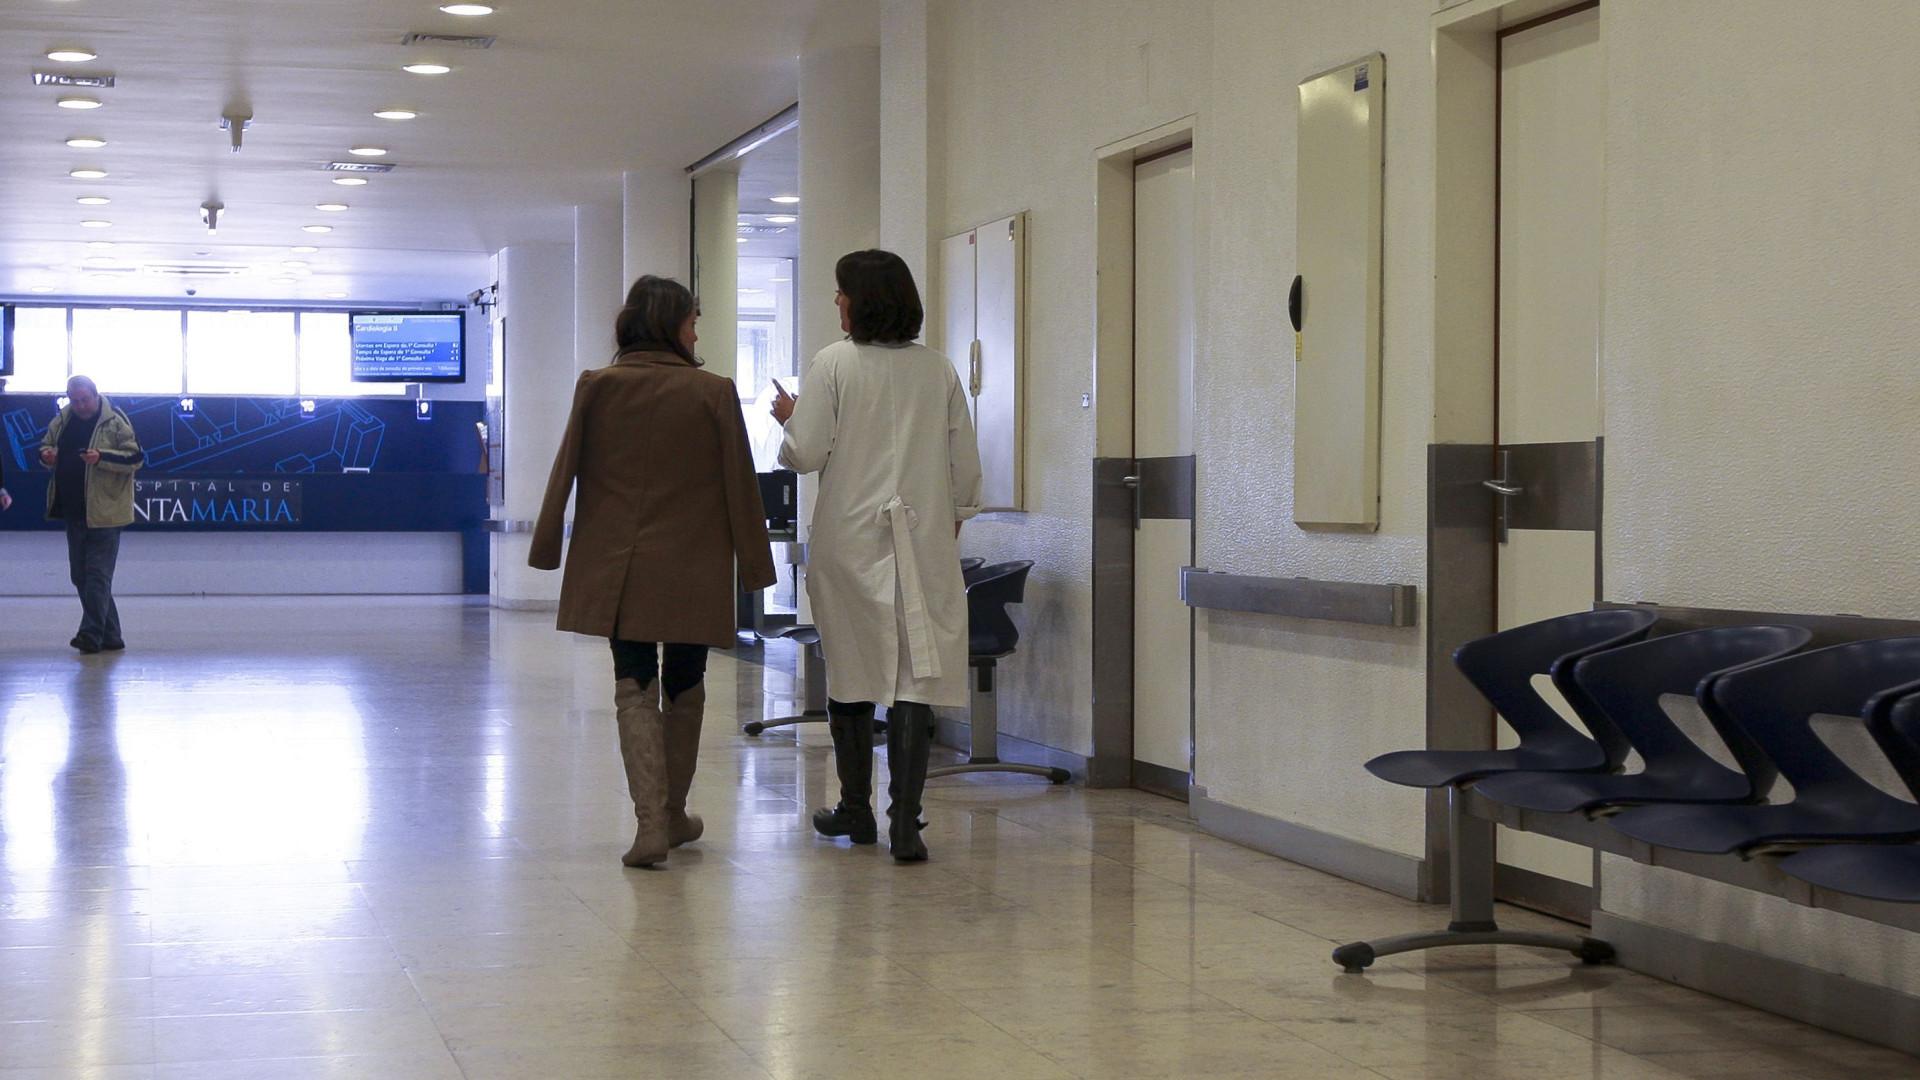 Governo obriga médicos a declarar ofertas como lápis e cafés